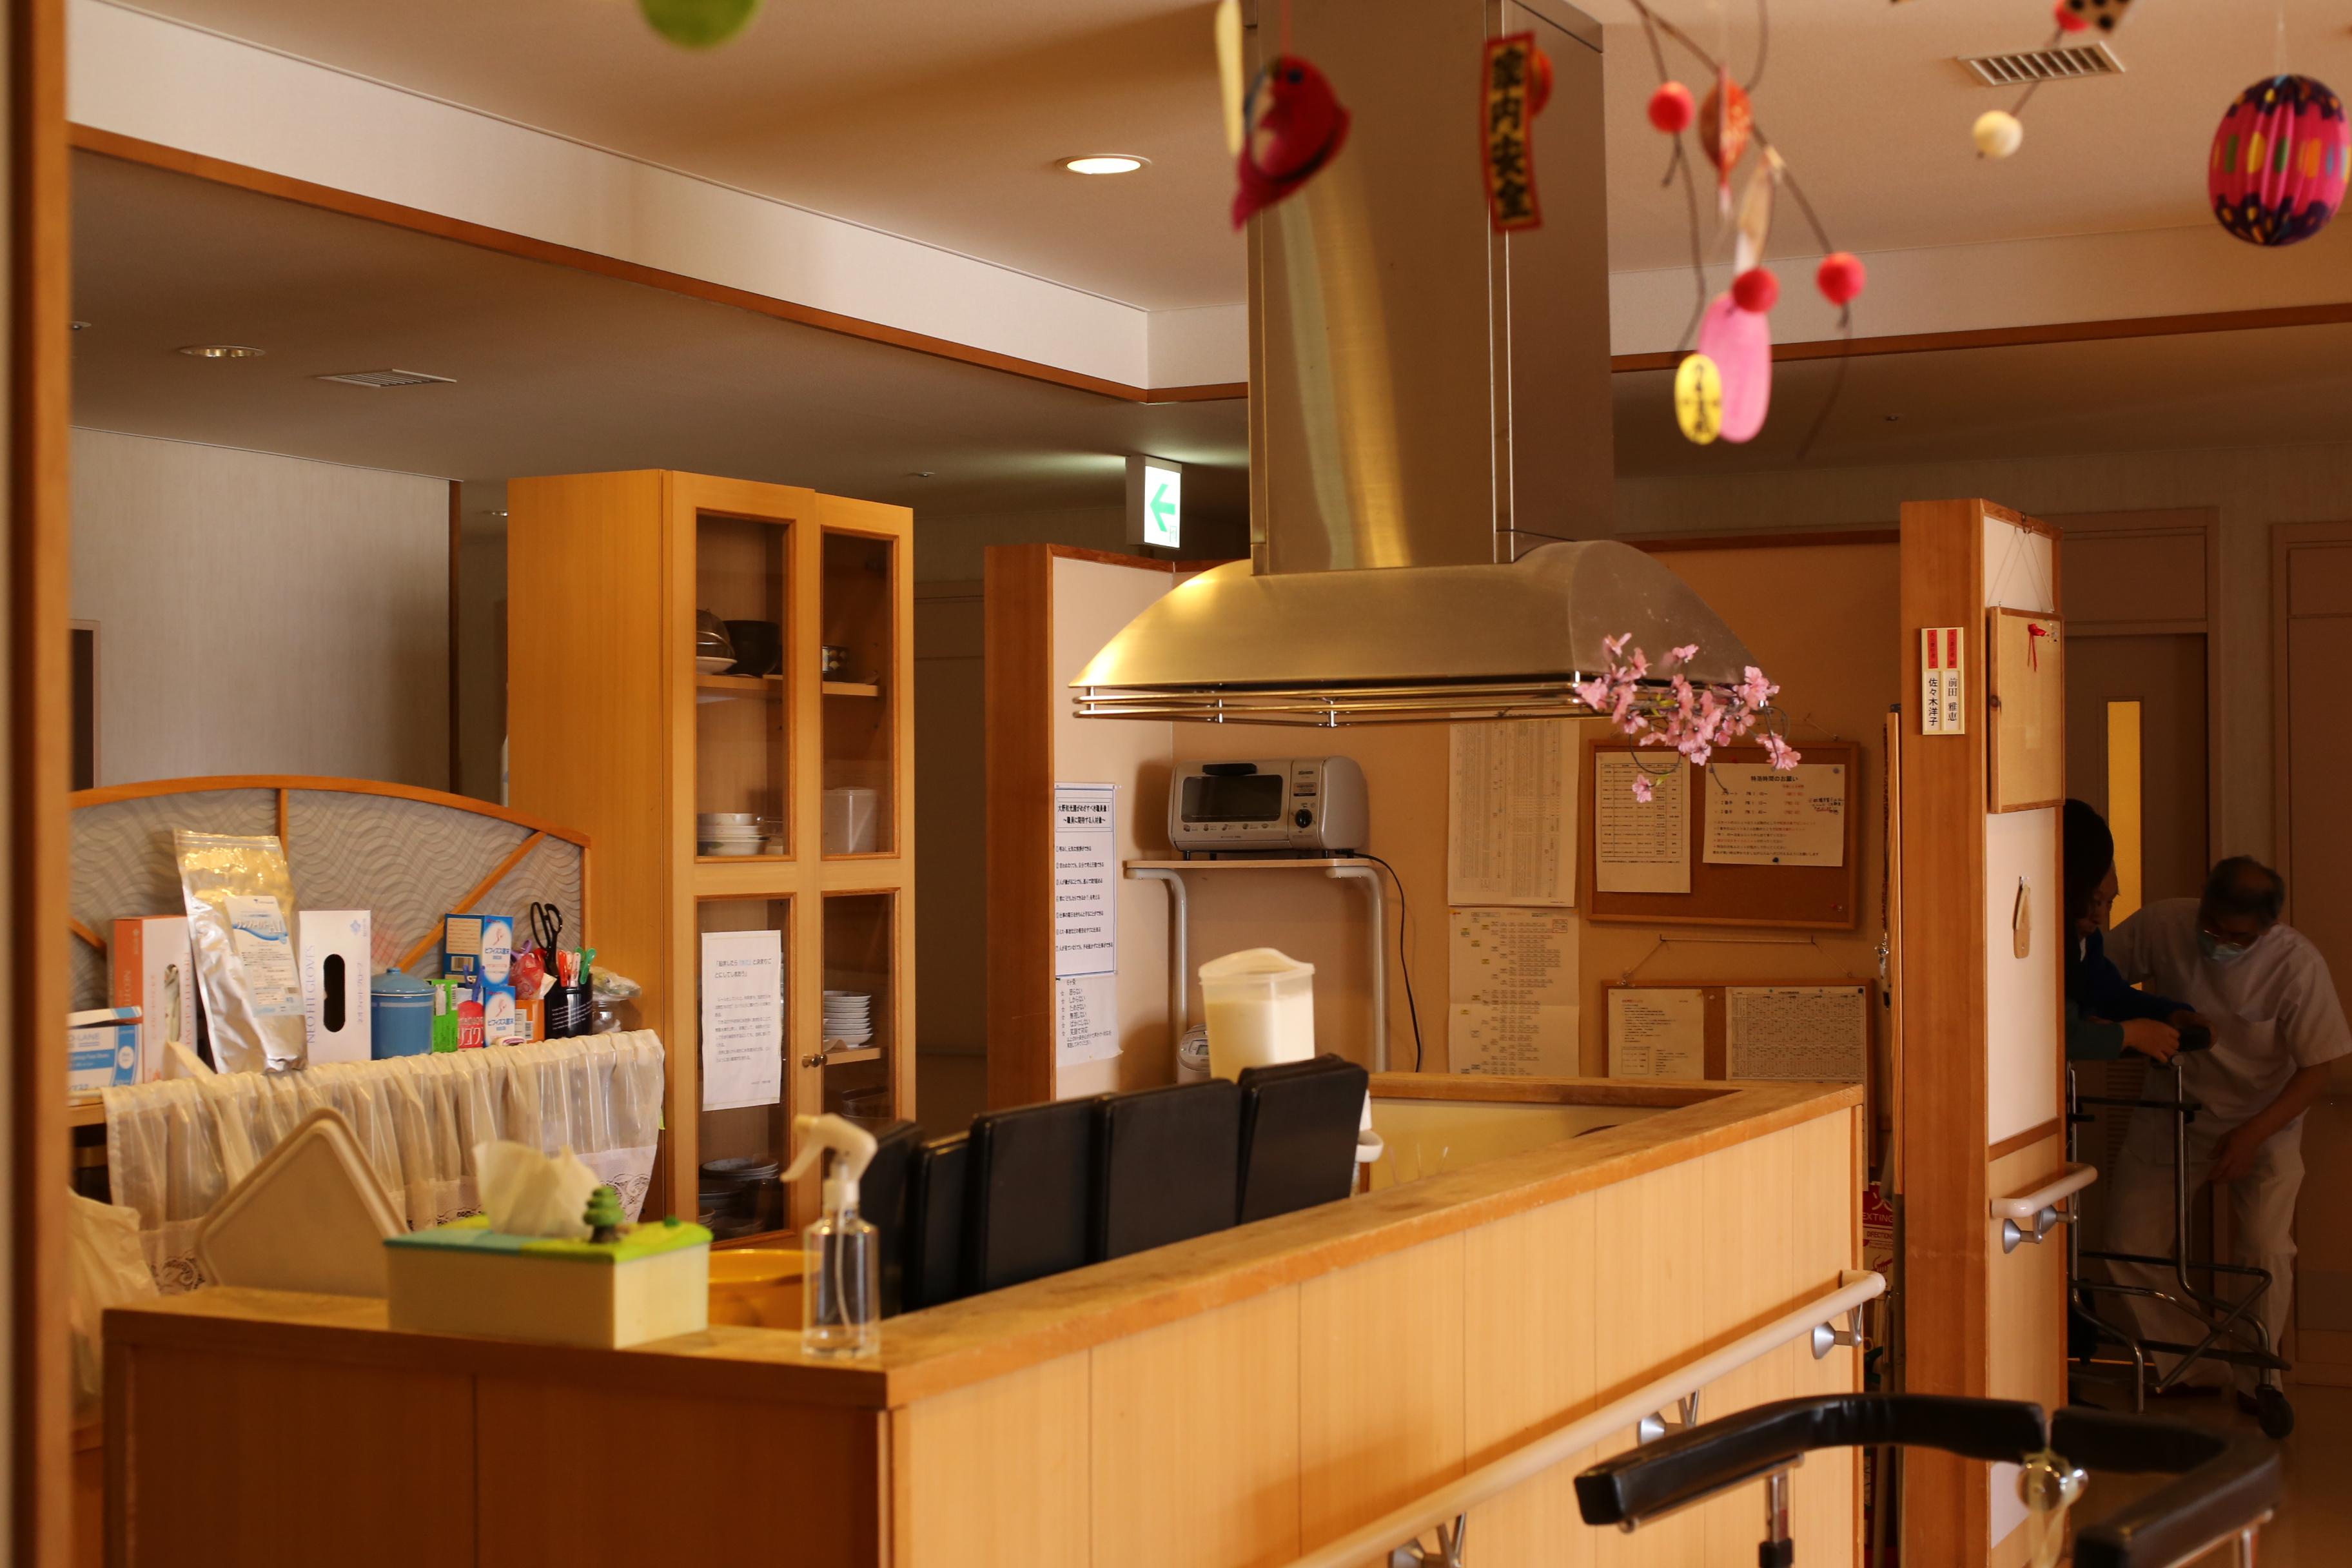 ユニット型のキッチン